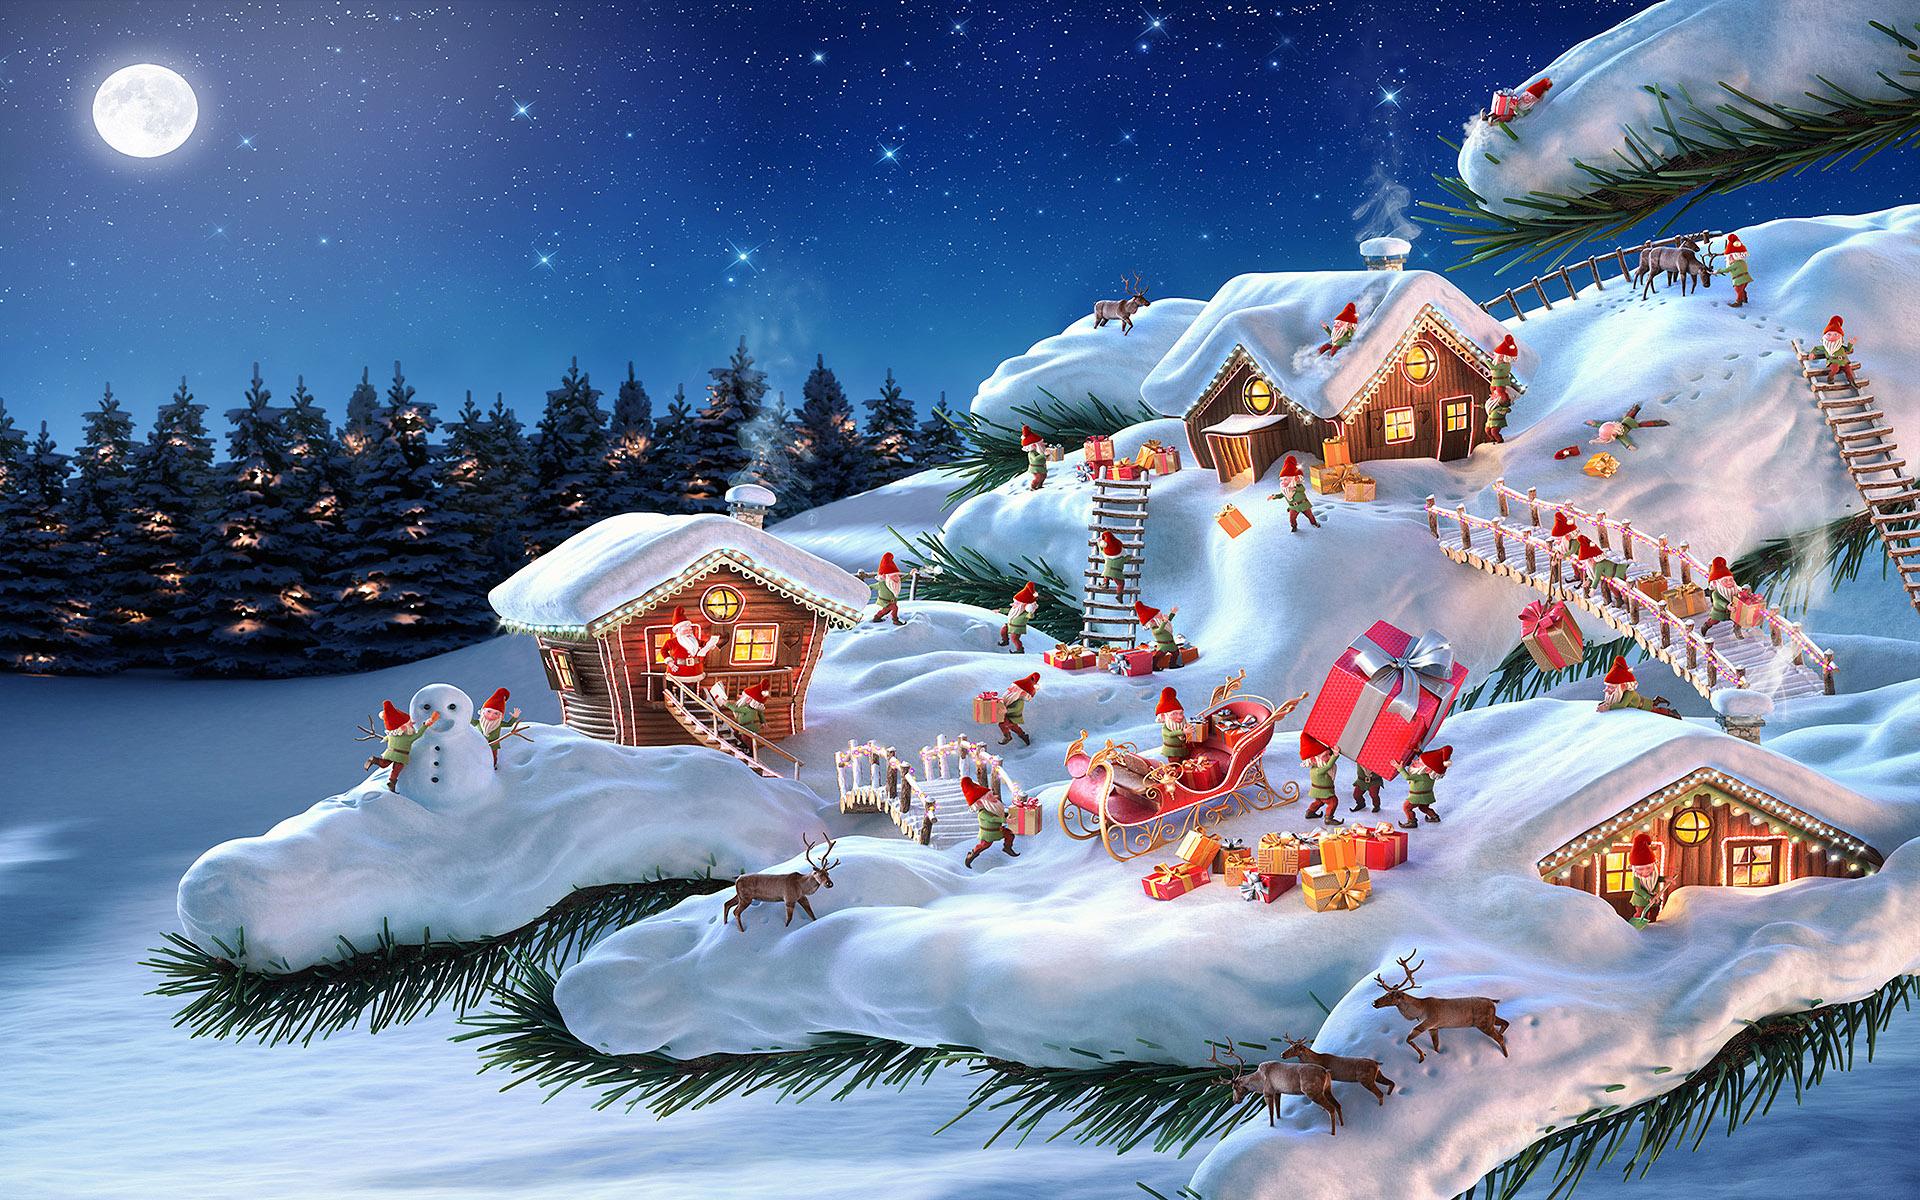 HDoboi.Kiev.ua - Санта Клаус и его рабочие ельфы в миниатюре, рождественские обои вертикальные